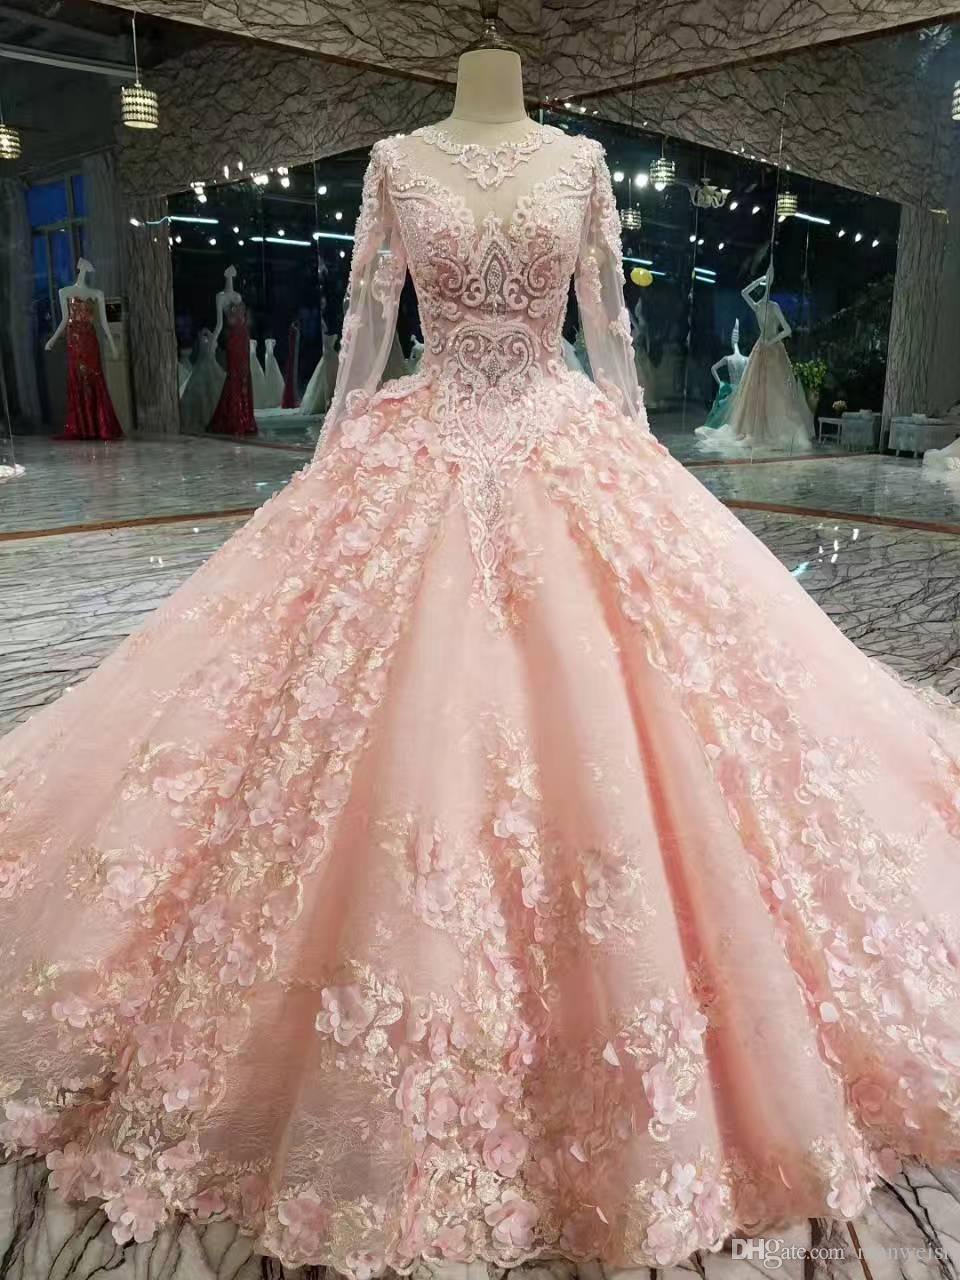 designer ball gown dresses